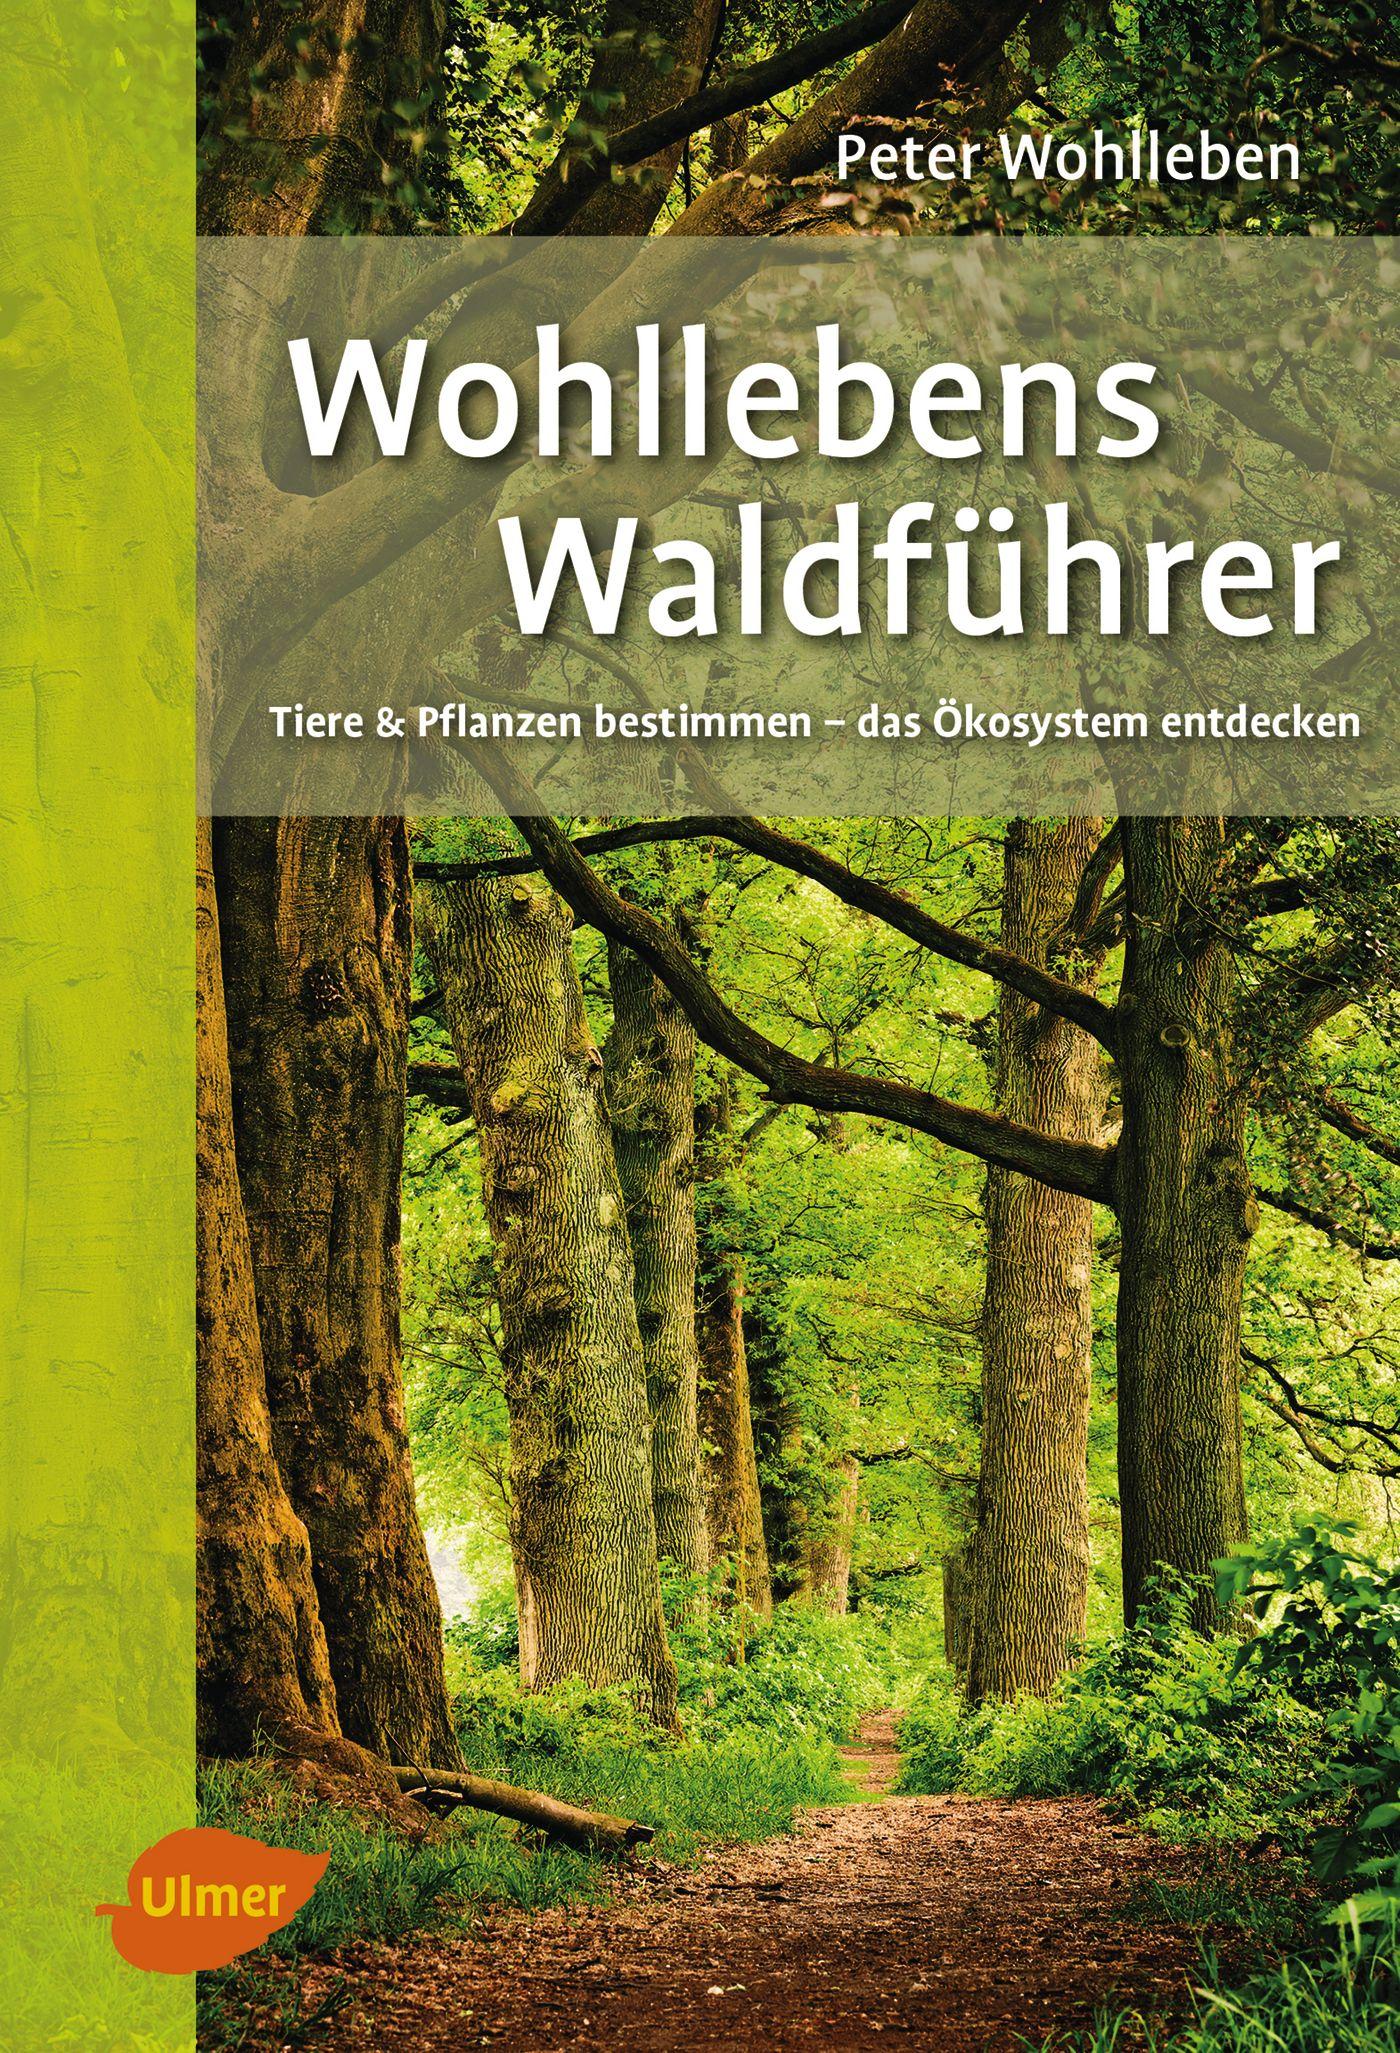 Peter Wohlleben : Wohllebens Waldführer : 9783800103218